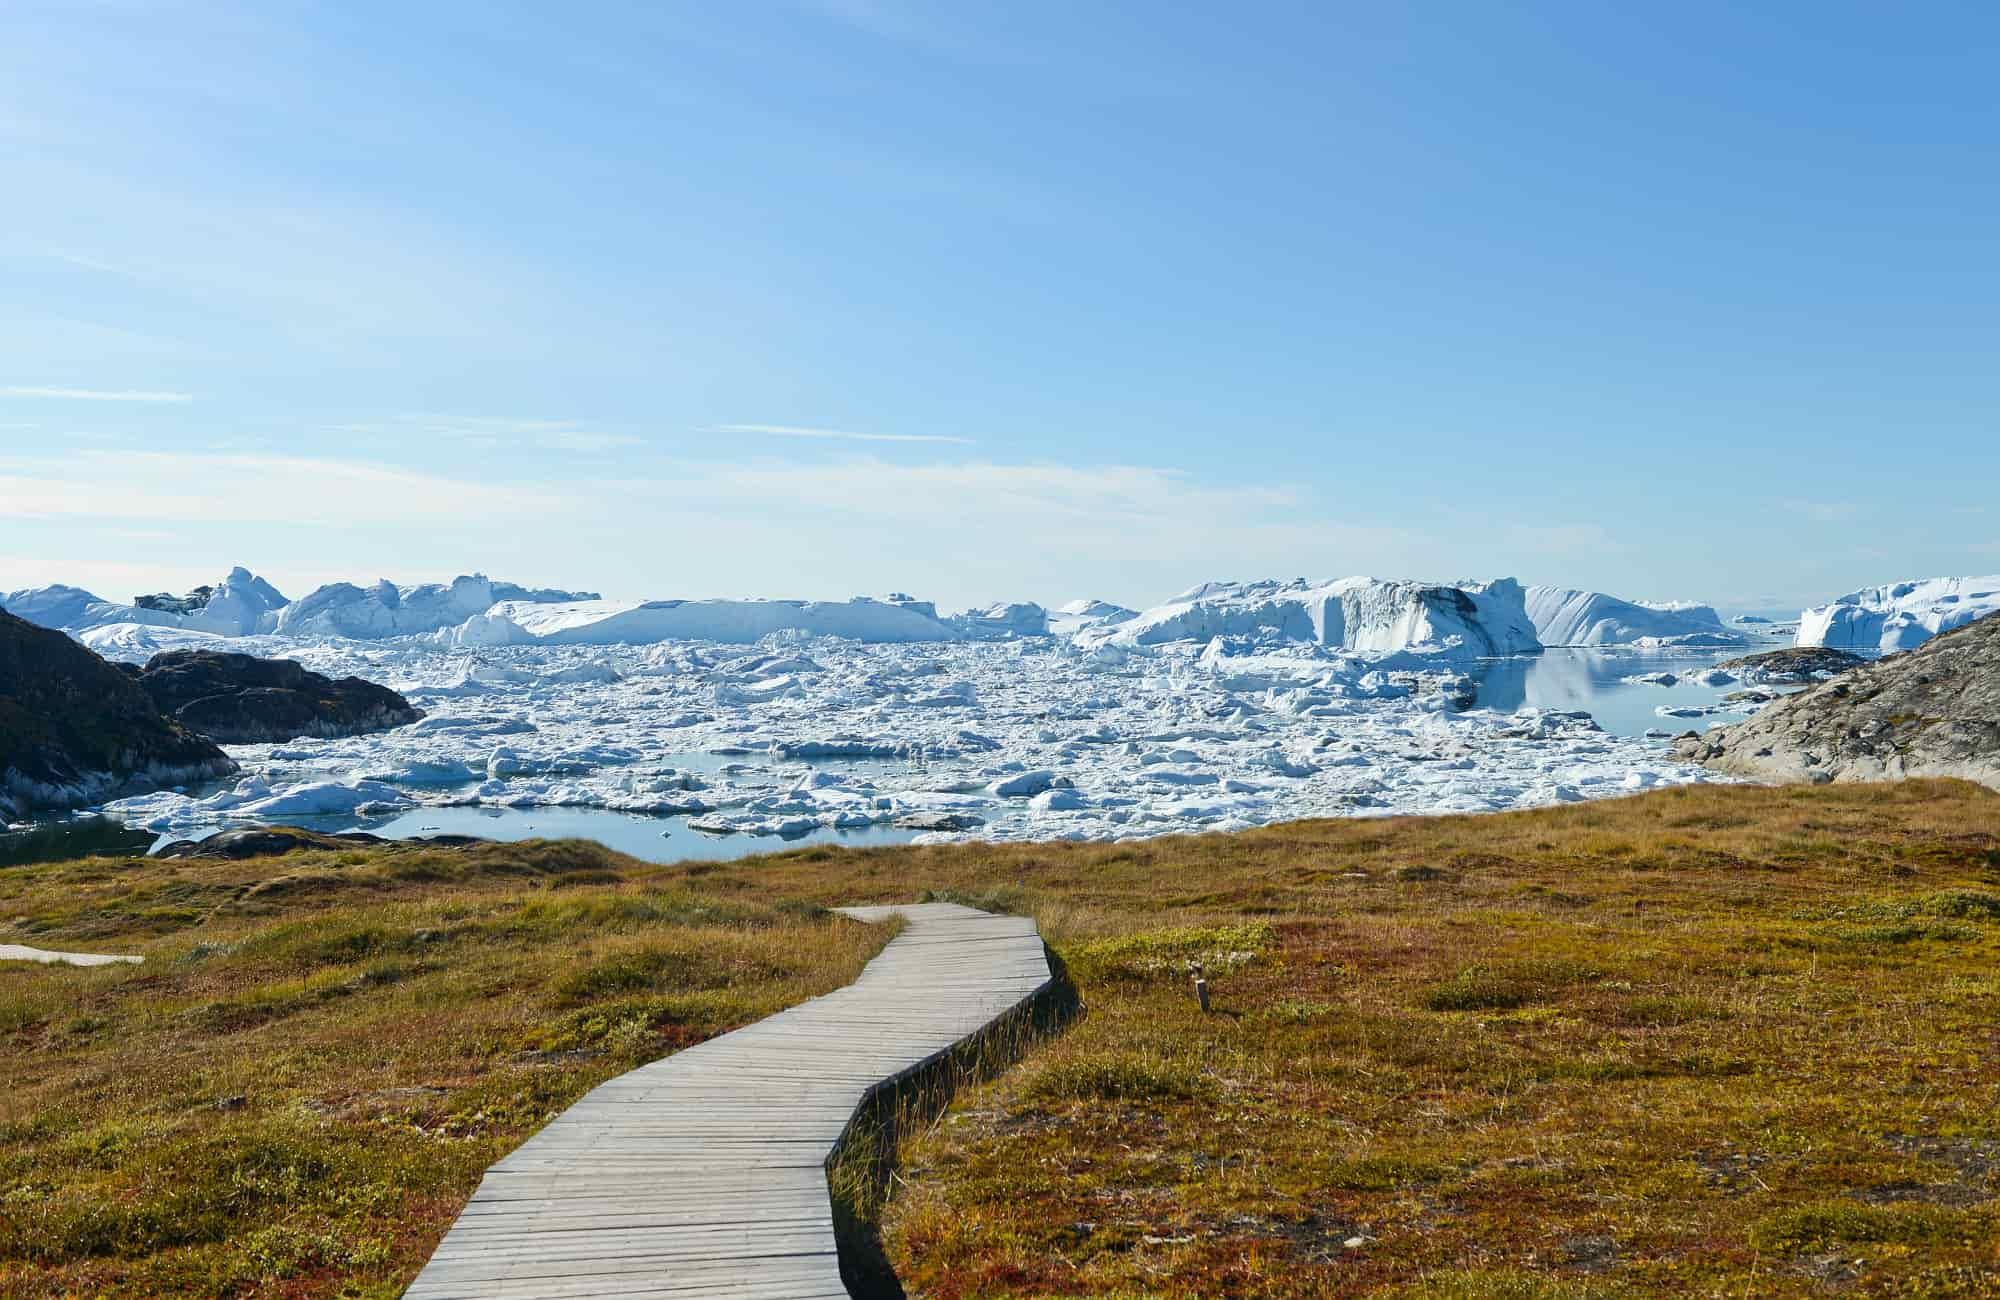 Voyage Groenland - Ilulissat - Amplitudes